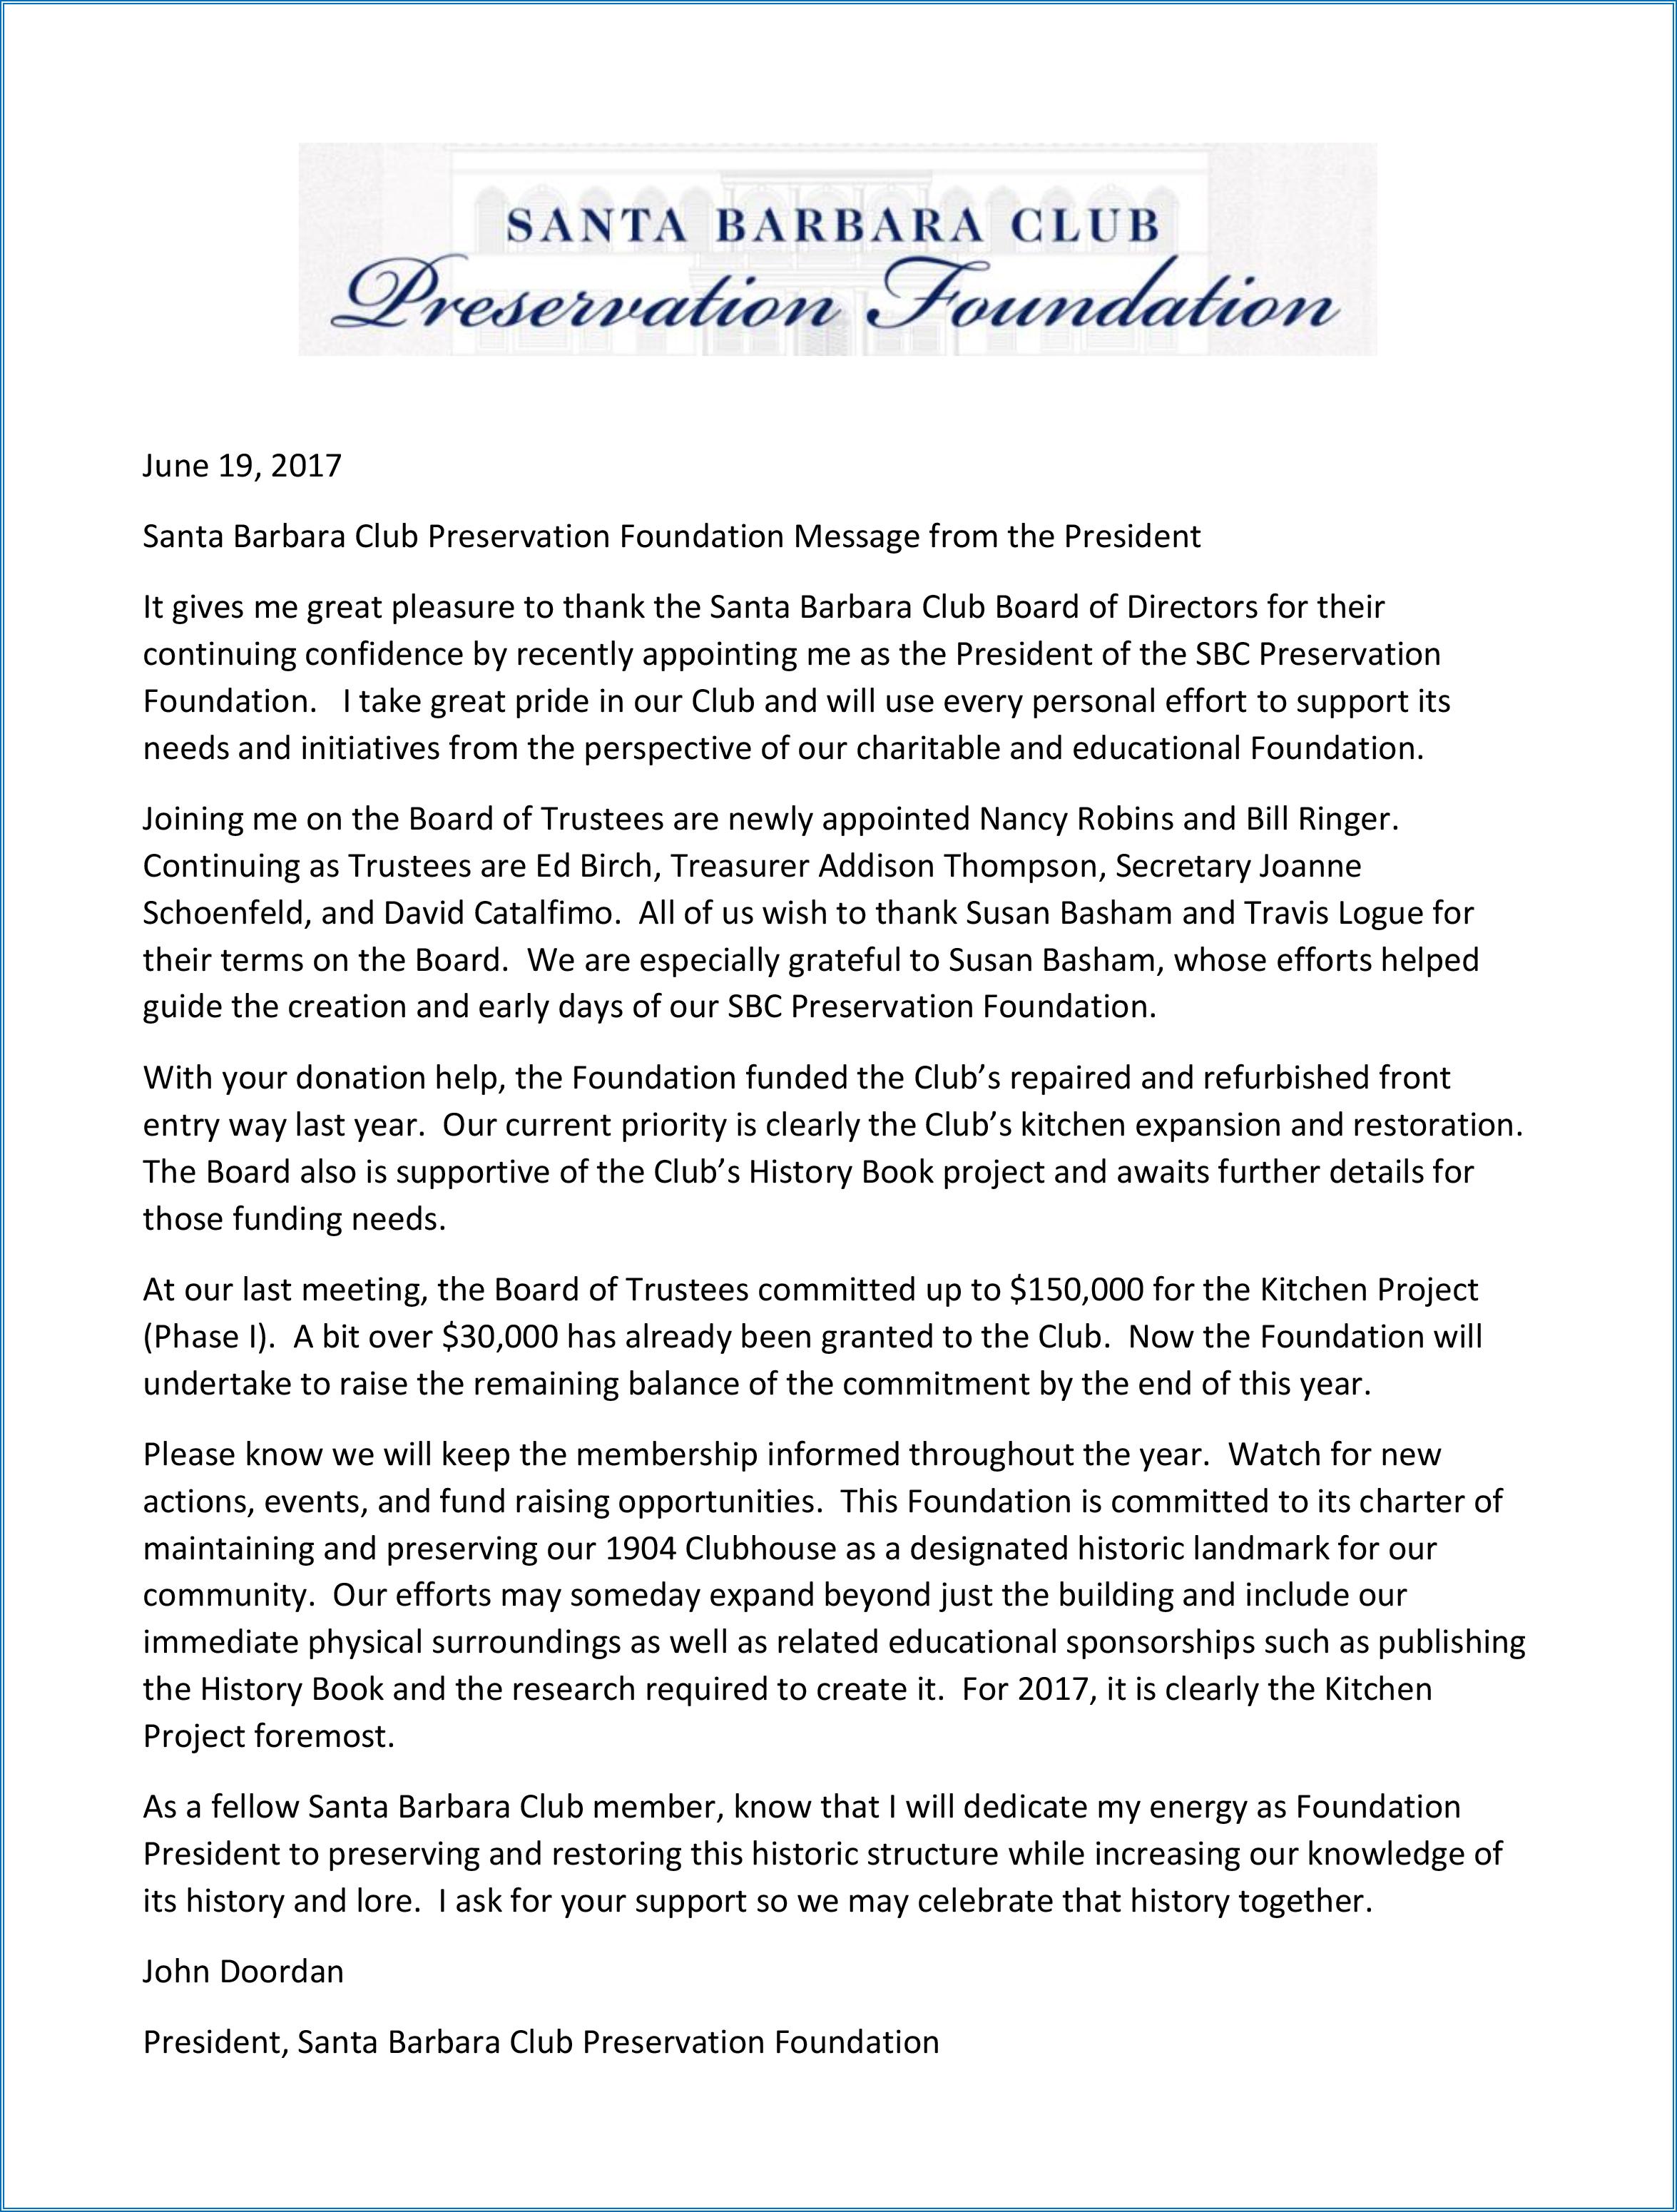 SBCPF Message from Foundation President John Doordan June 2017.jpg